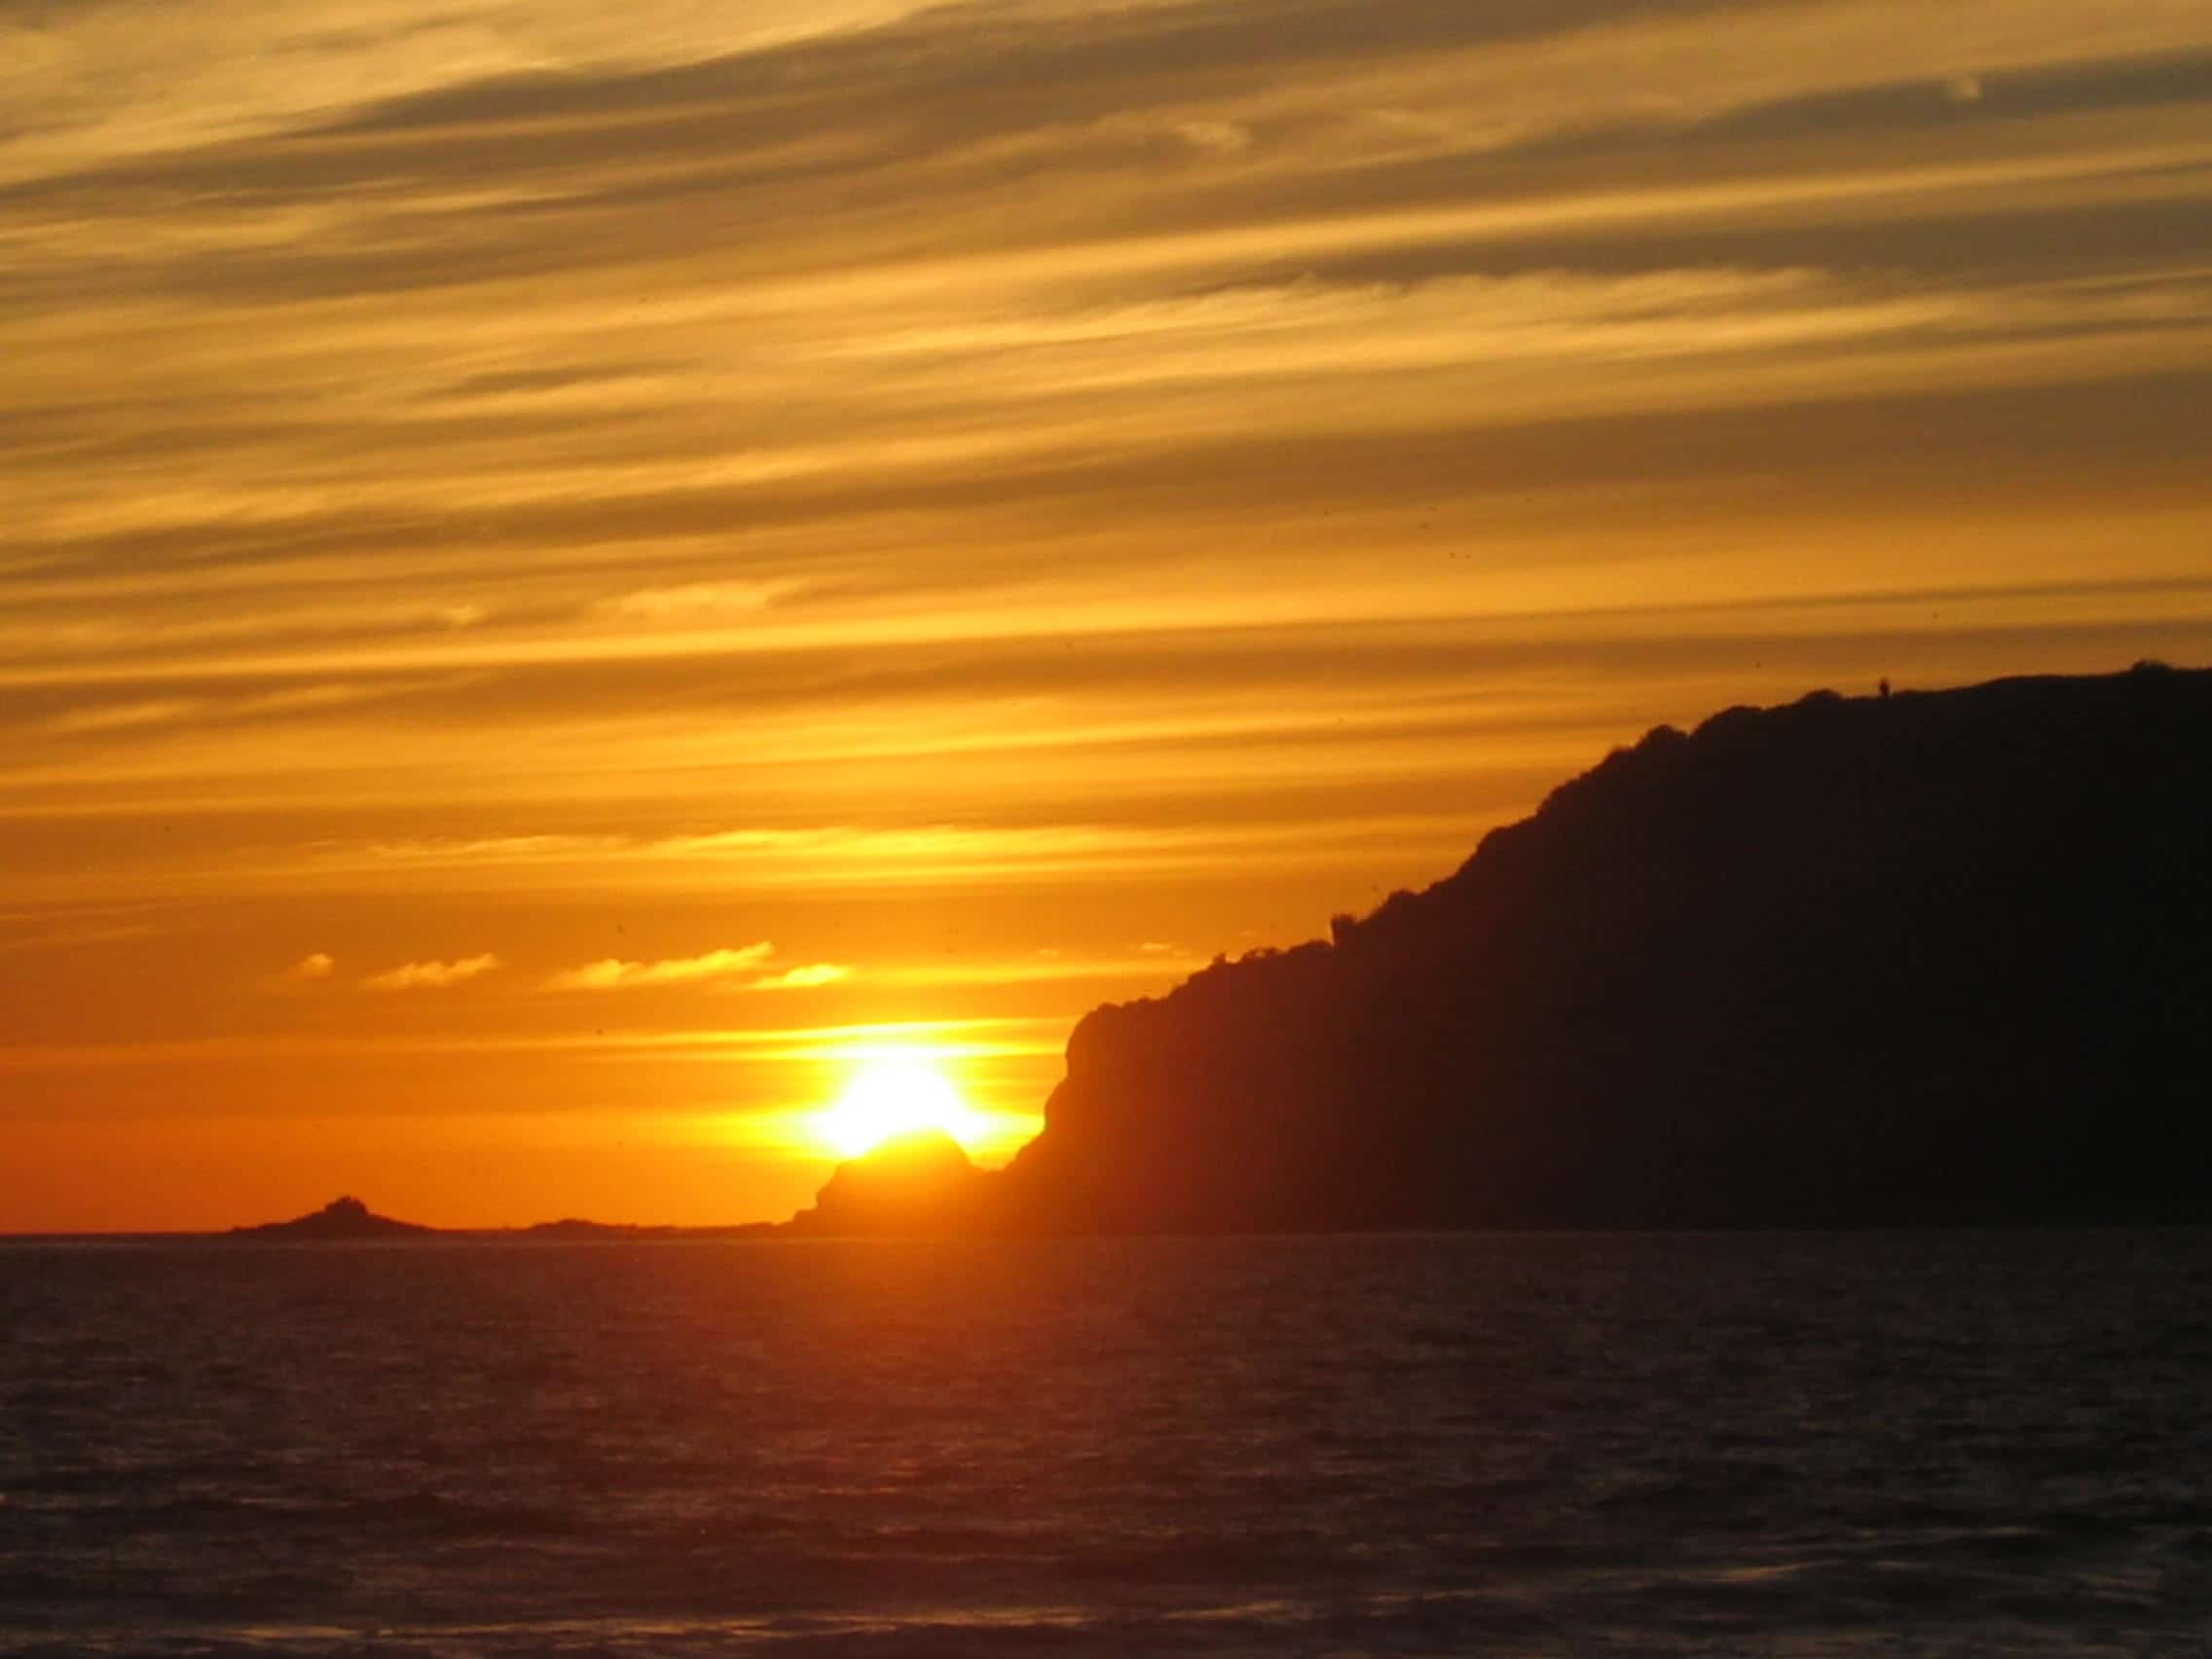 Disfruta un hermoso atardecer en la Isla de Venados